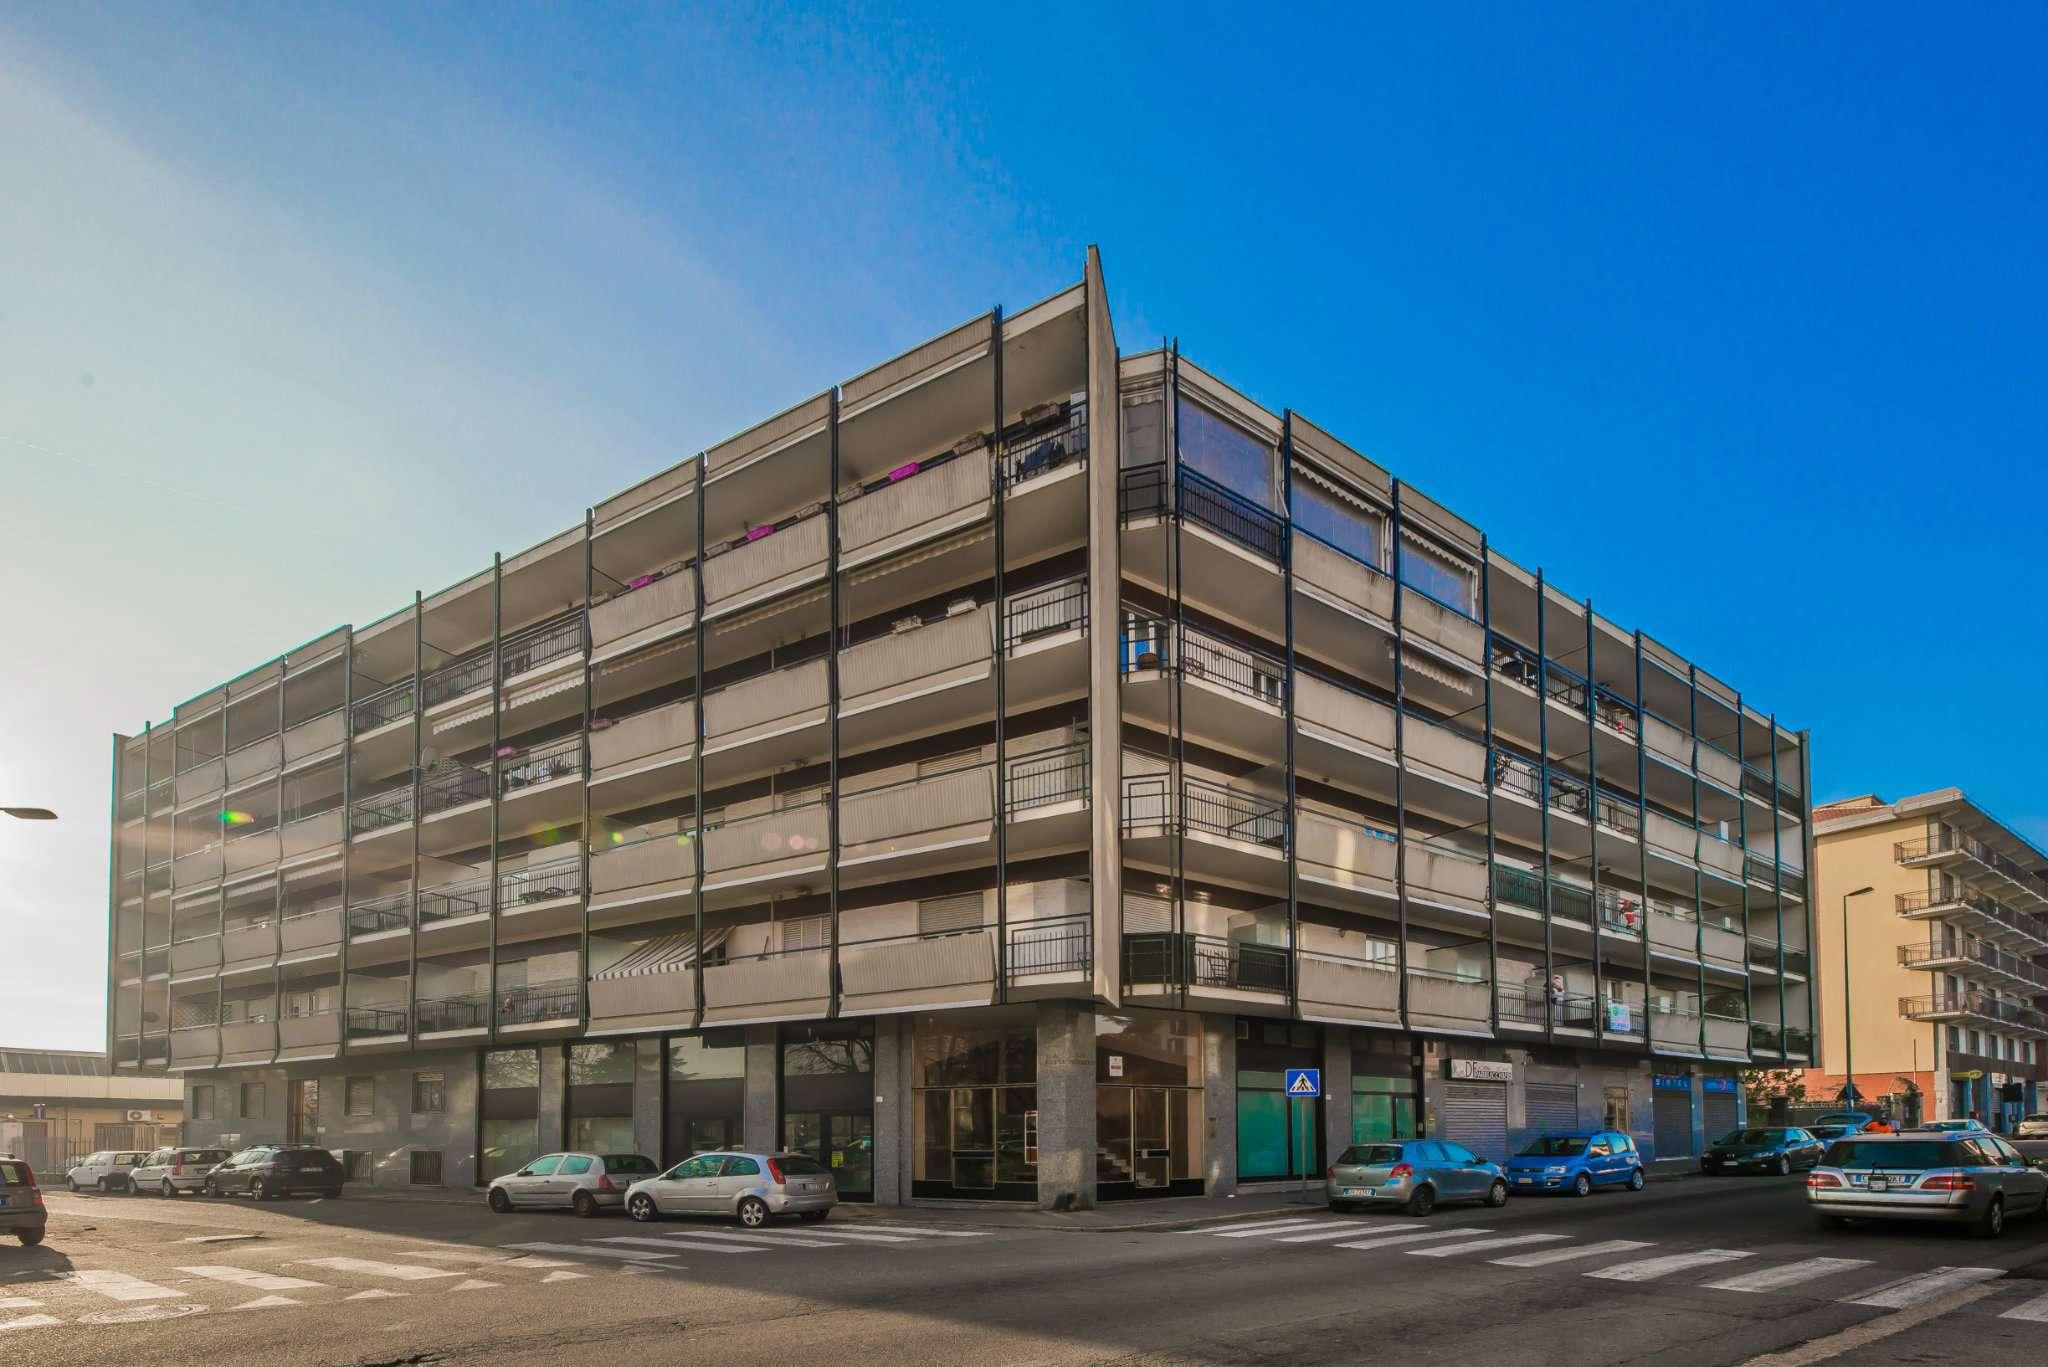 Appartamento in vendita a Grugliasco, 3 locali, prezzo € 155.000 | CambioCasa.it